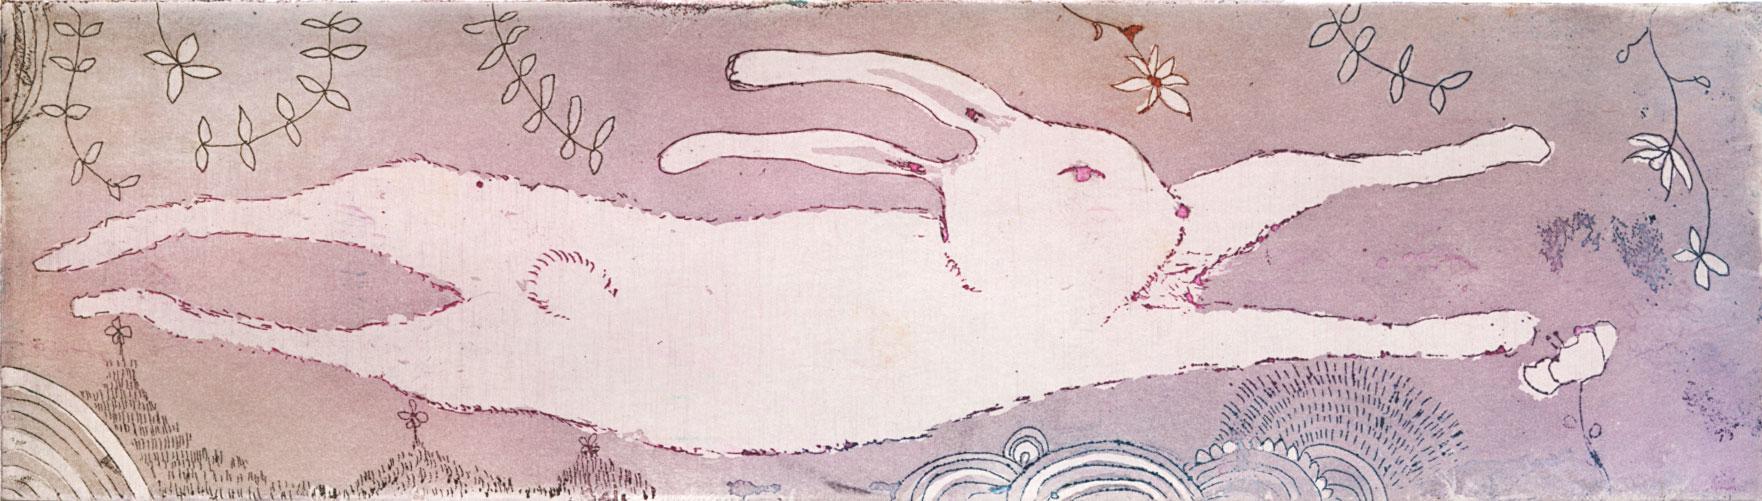 Soratobu Usagi (Flying Rabbit)